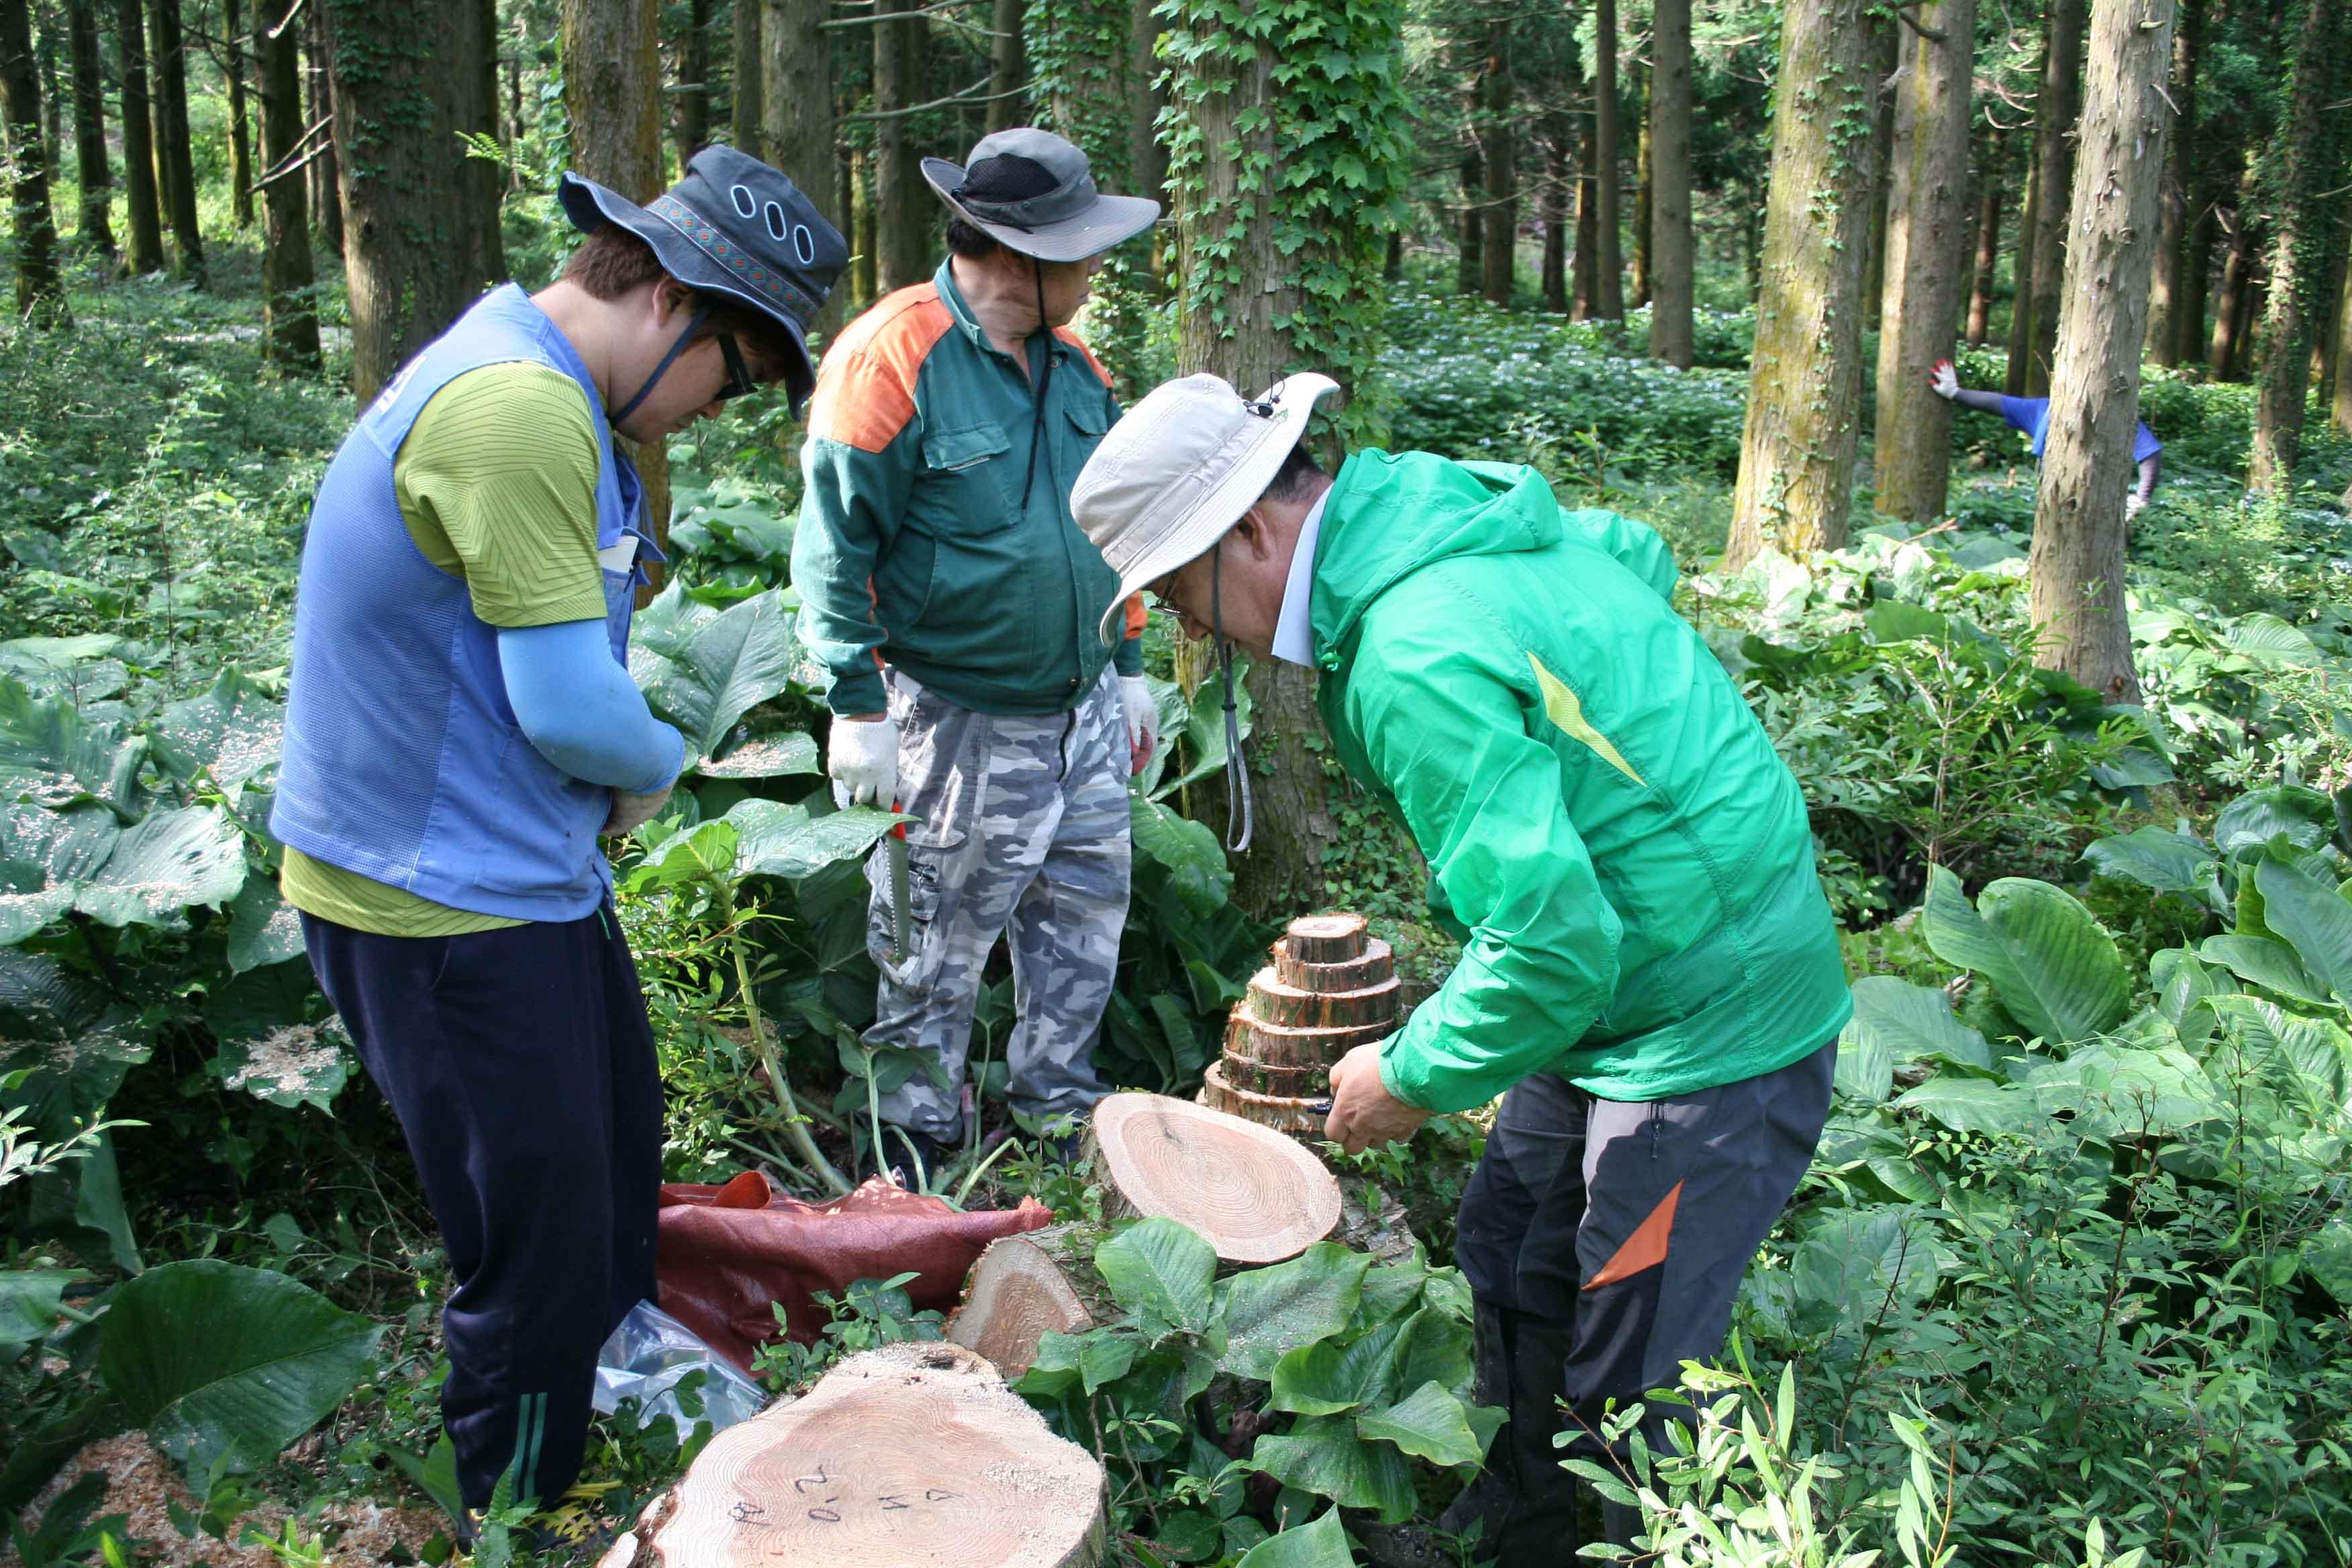 베어낸 나무, 원목으로 이용 가능한 양은 얼마? 이미지1